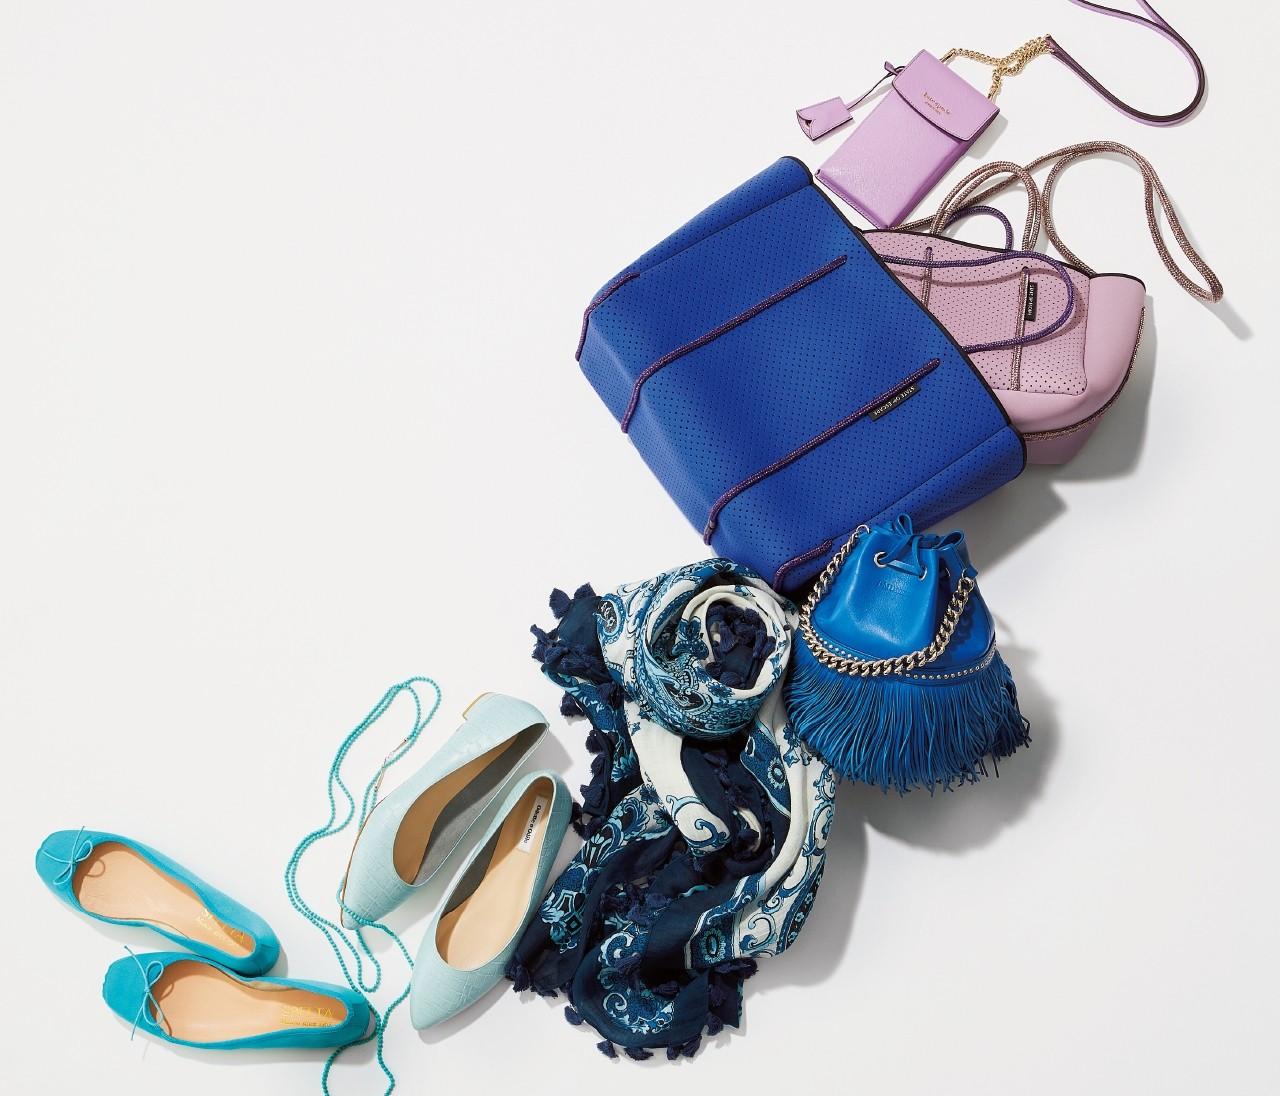 【旬カラー小物で気分UP!】「ブルー&パープル」はひねりの利いたデザインで遊ぶ!